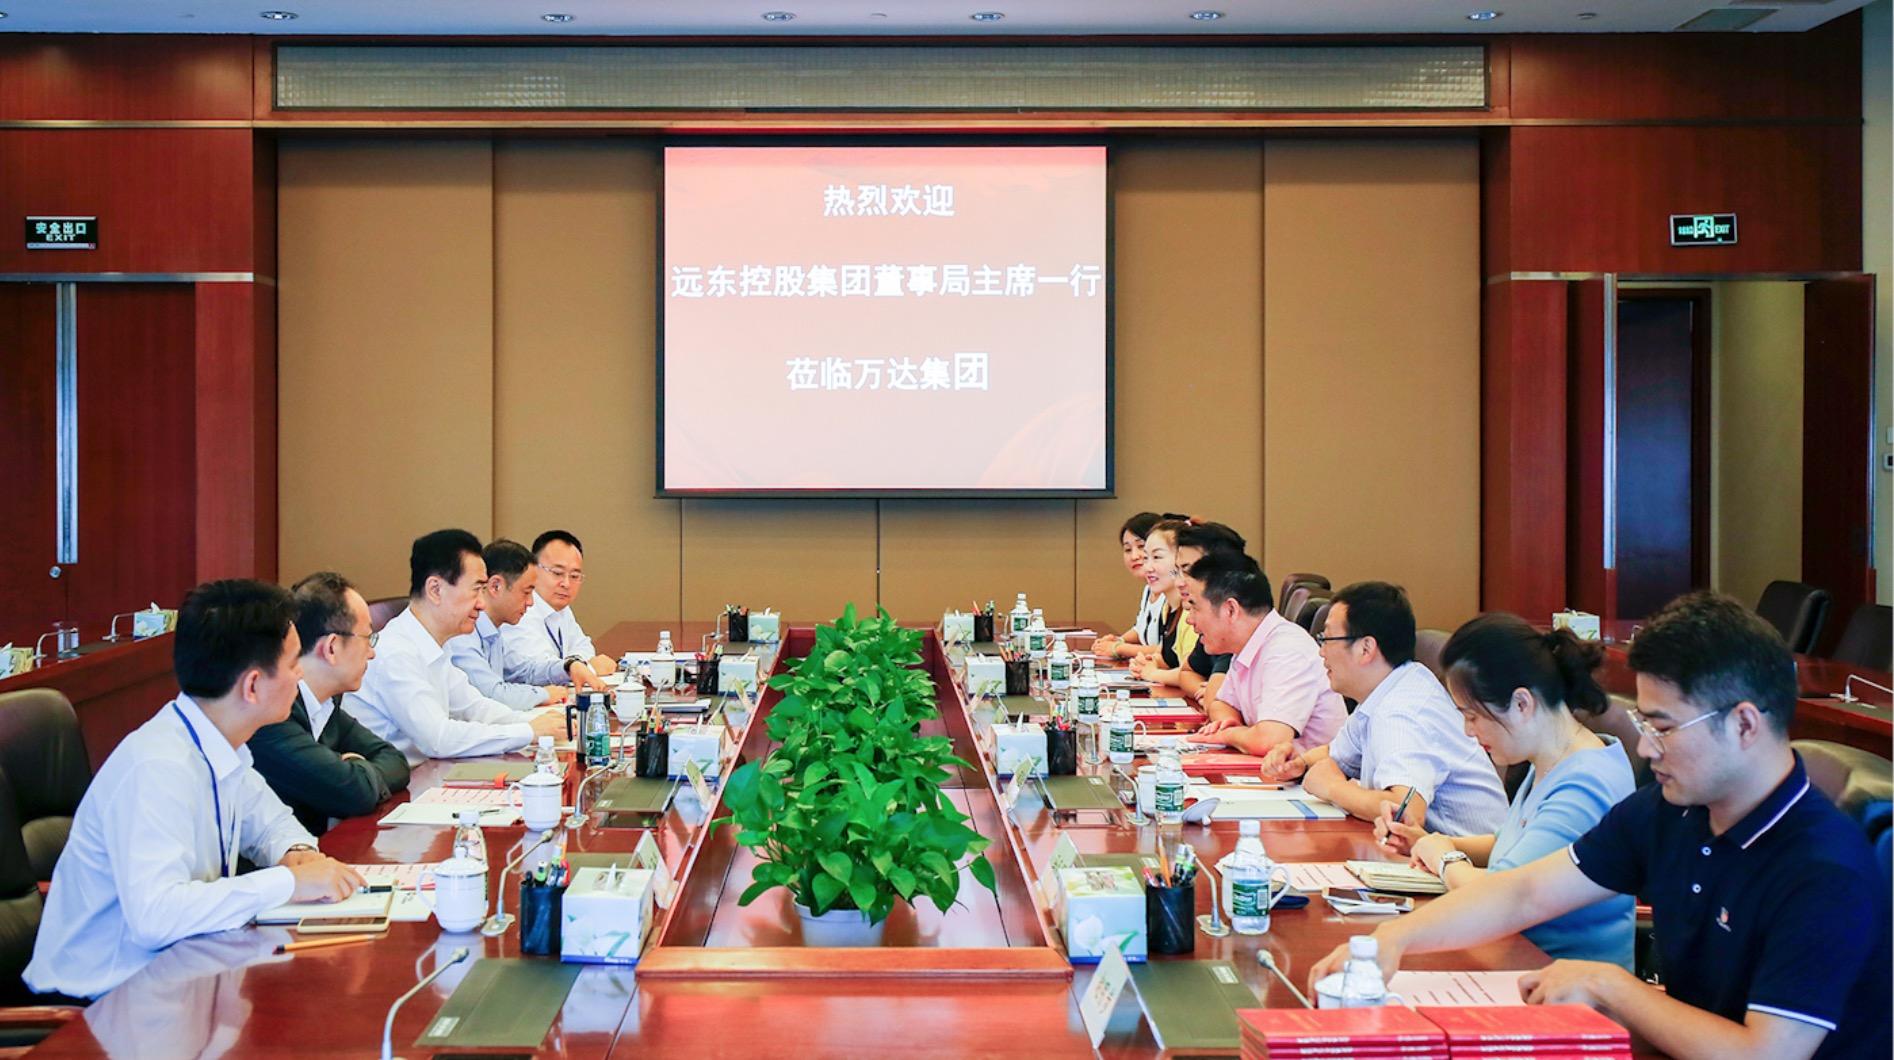 王健林董事长会见远东控股集团董事局主席蒋锡培